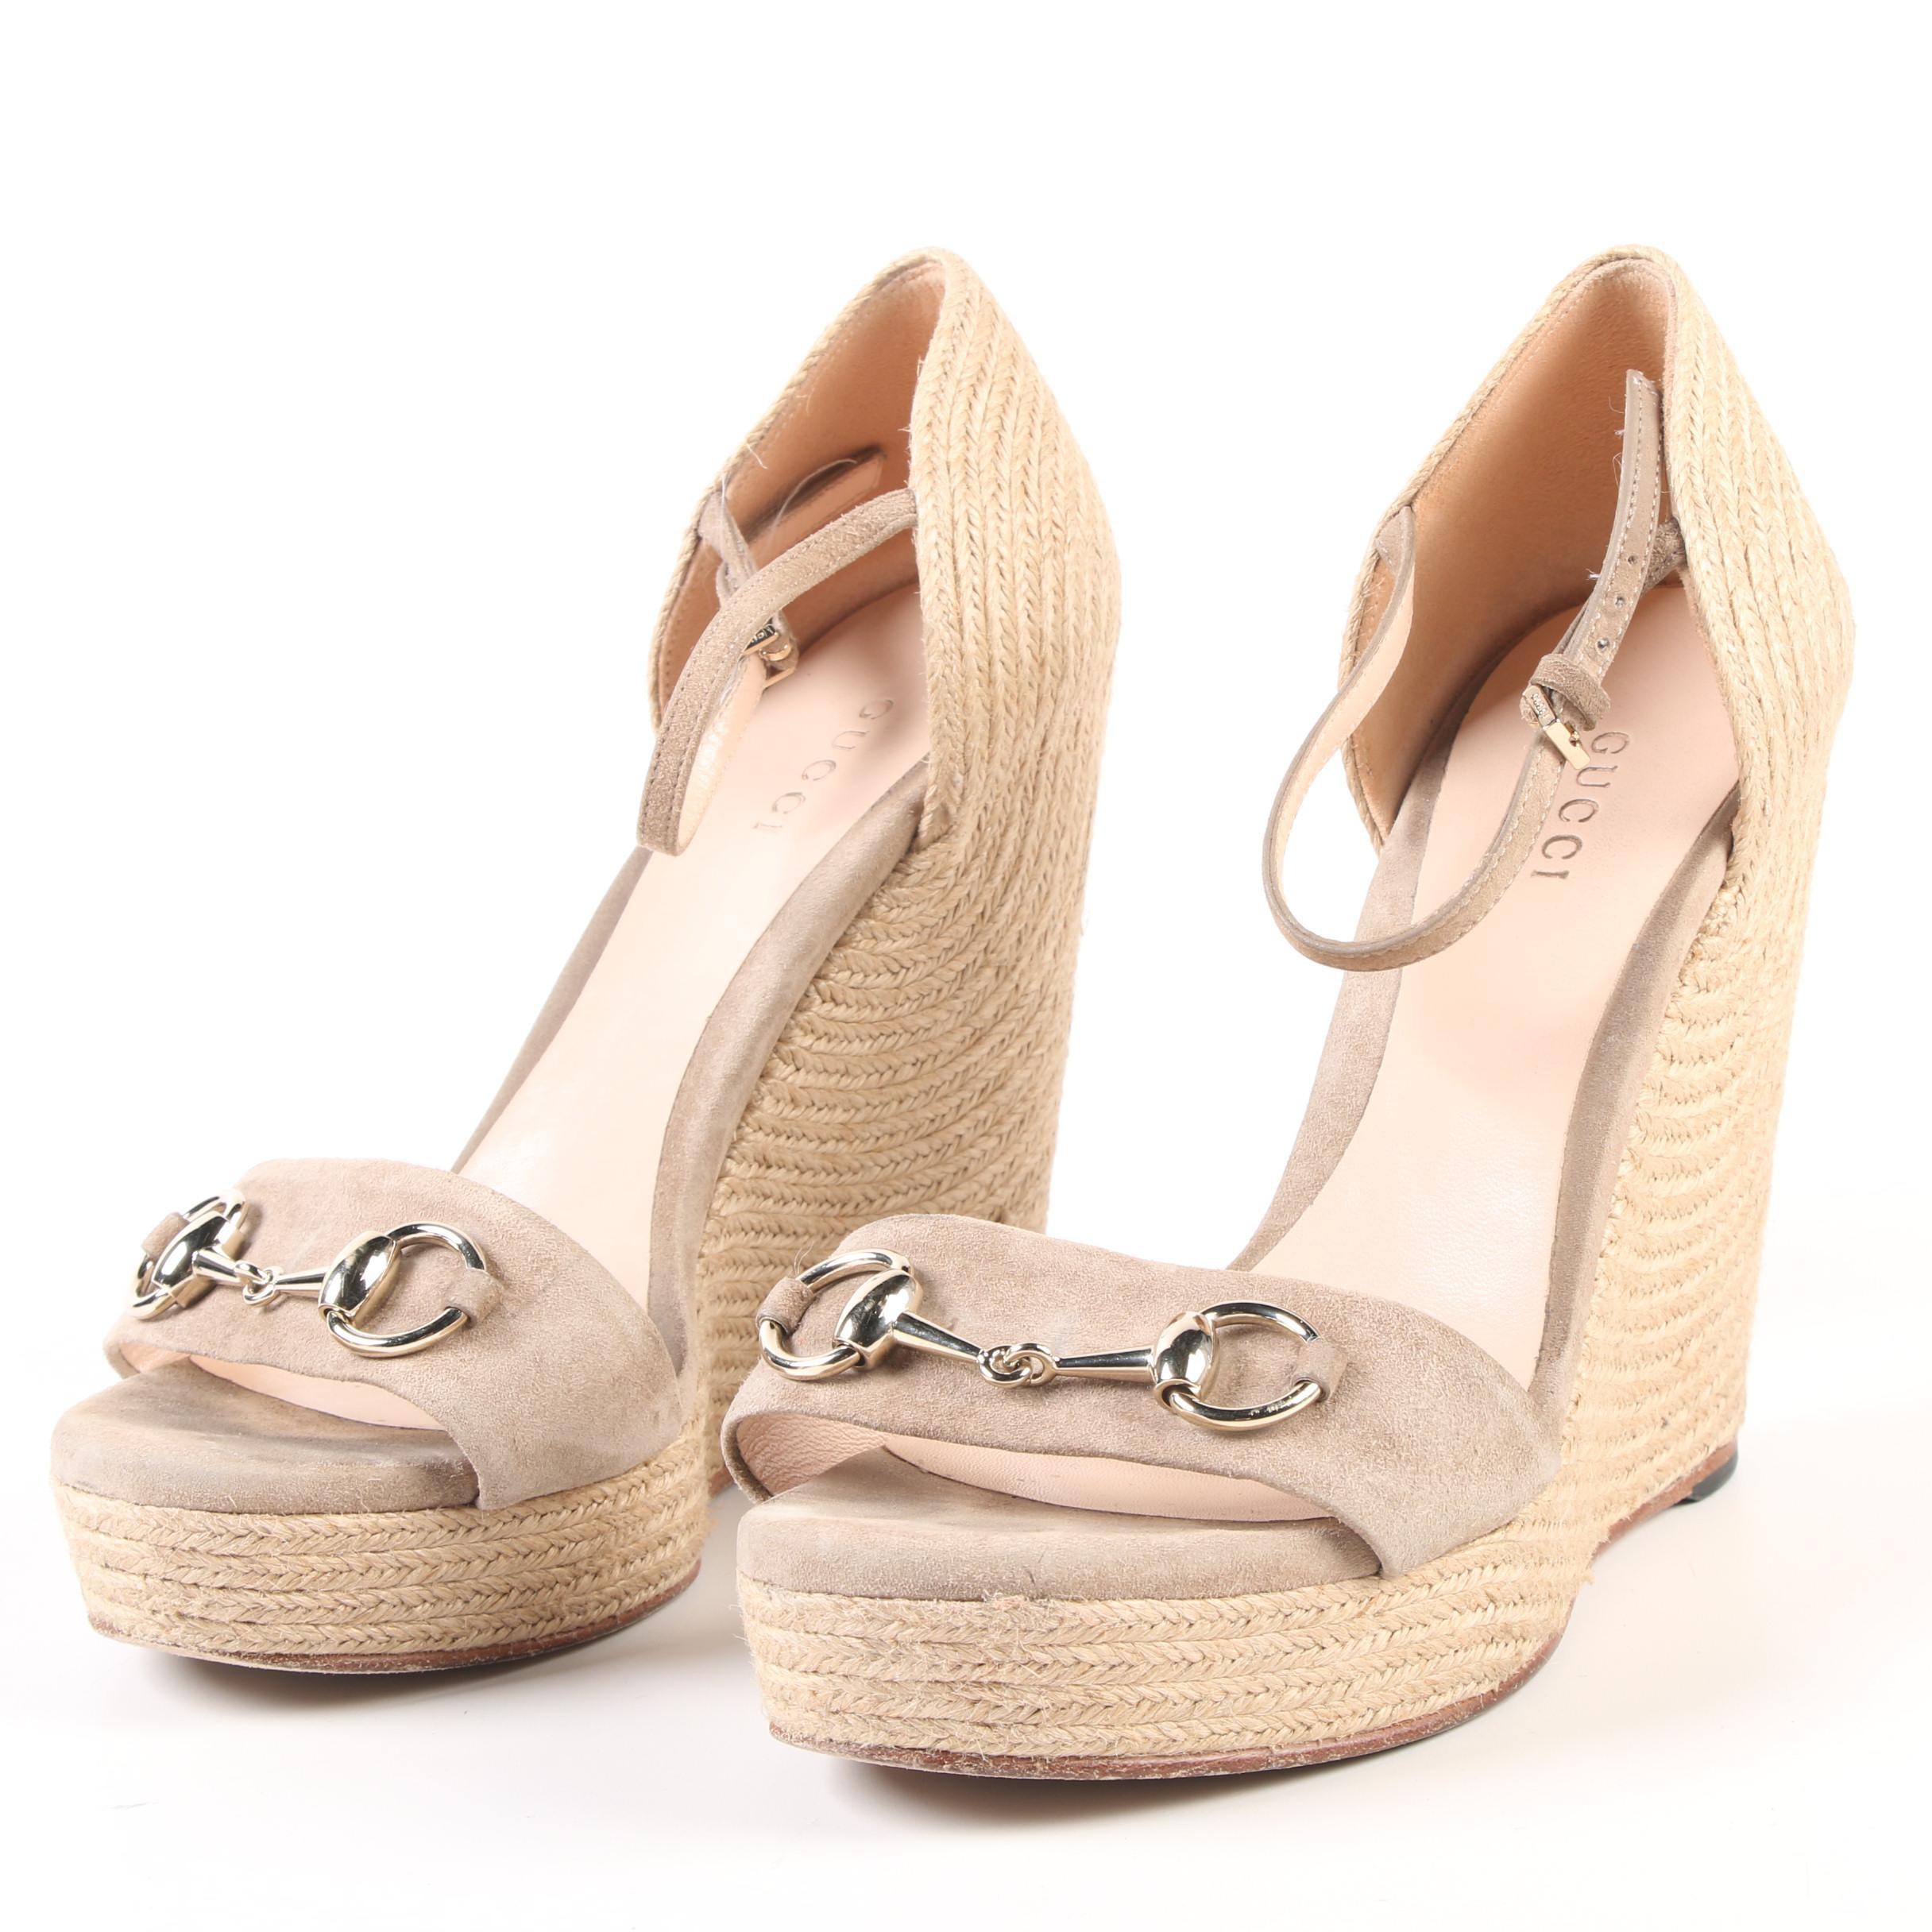 Gucci Carolina Horsebit Beige Suede Platform Wedge Ankle Strap Espadrilles